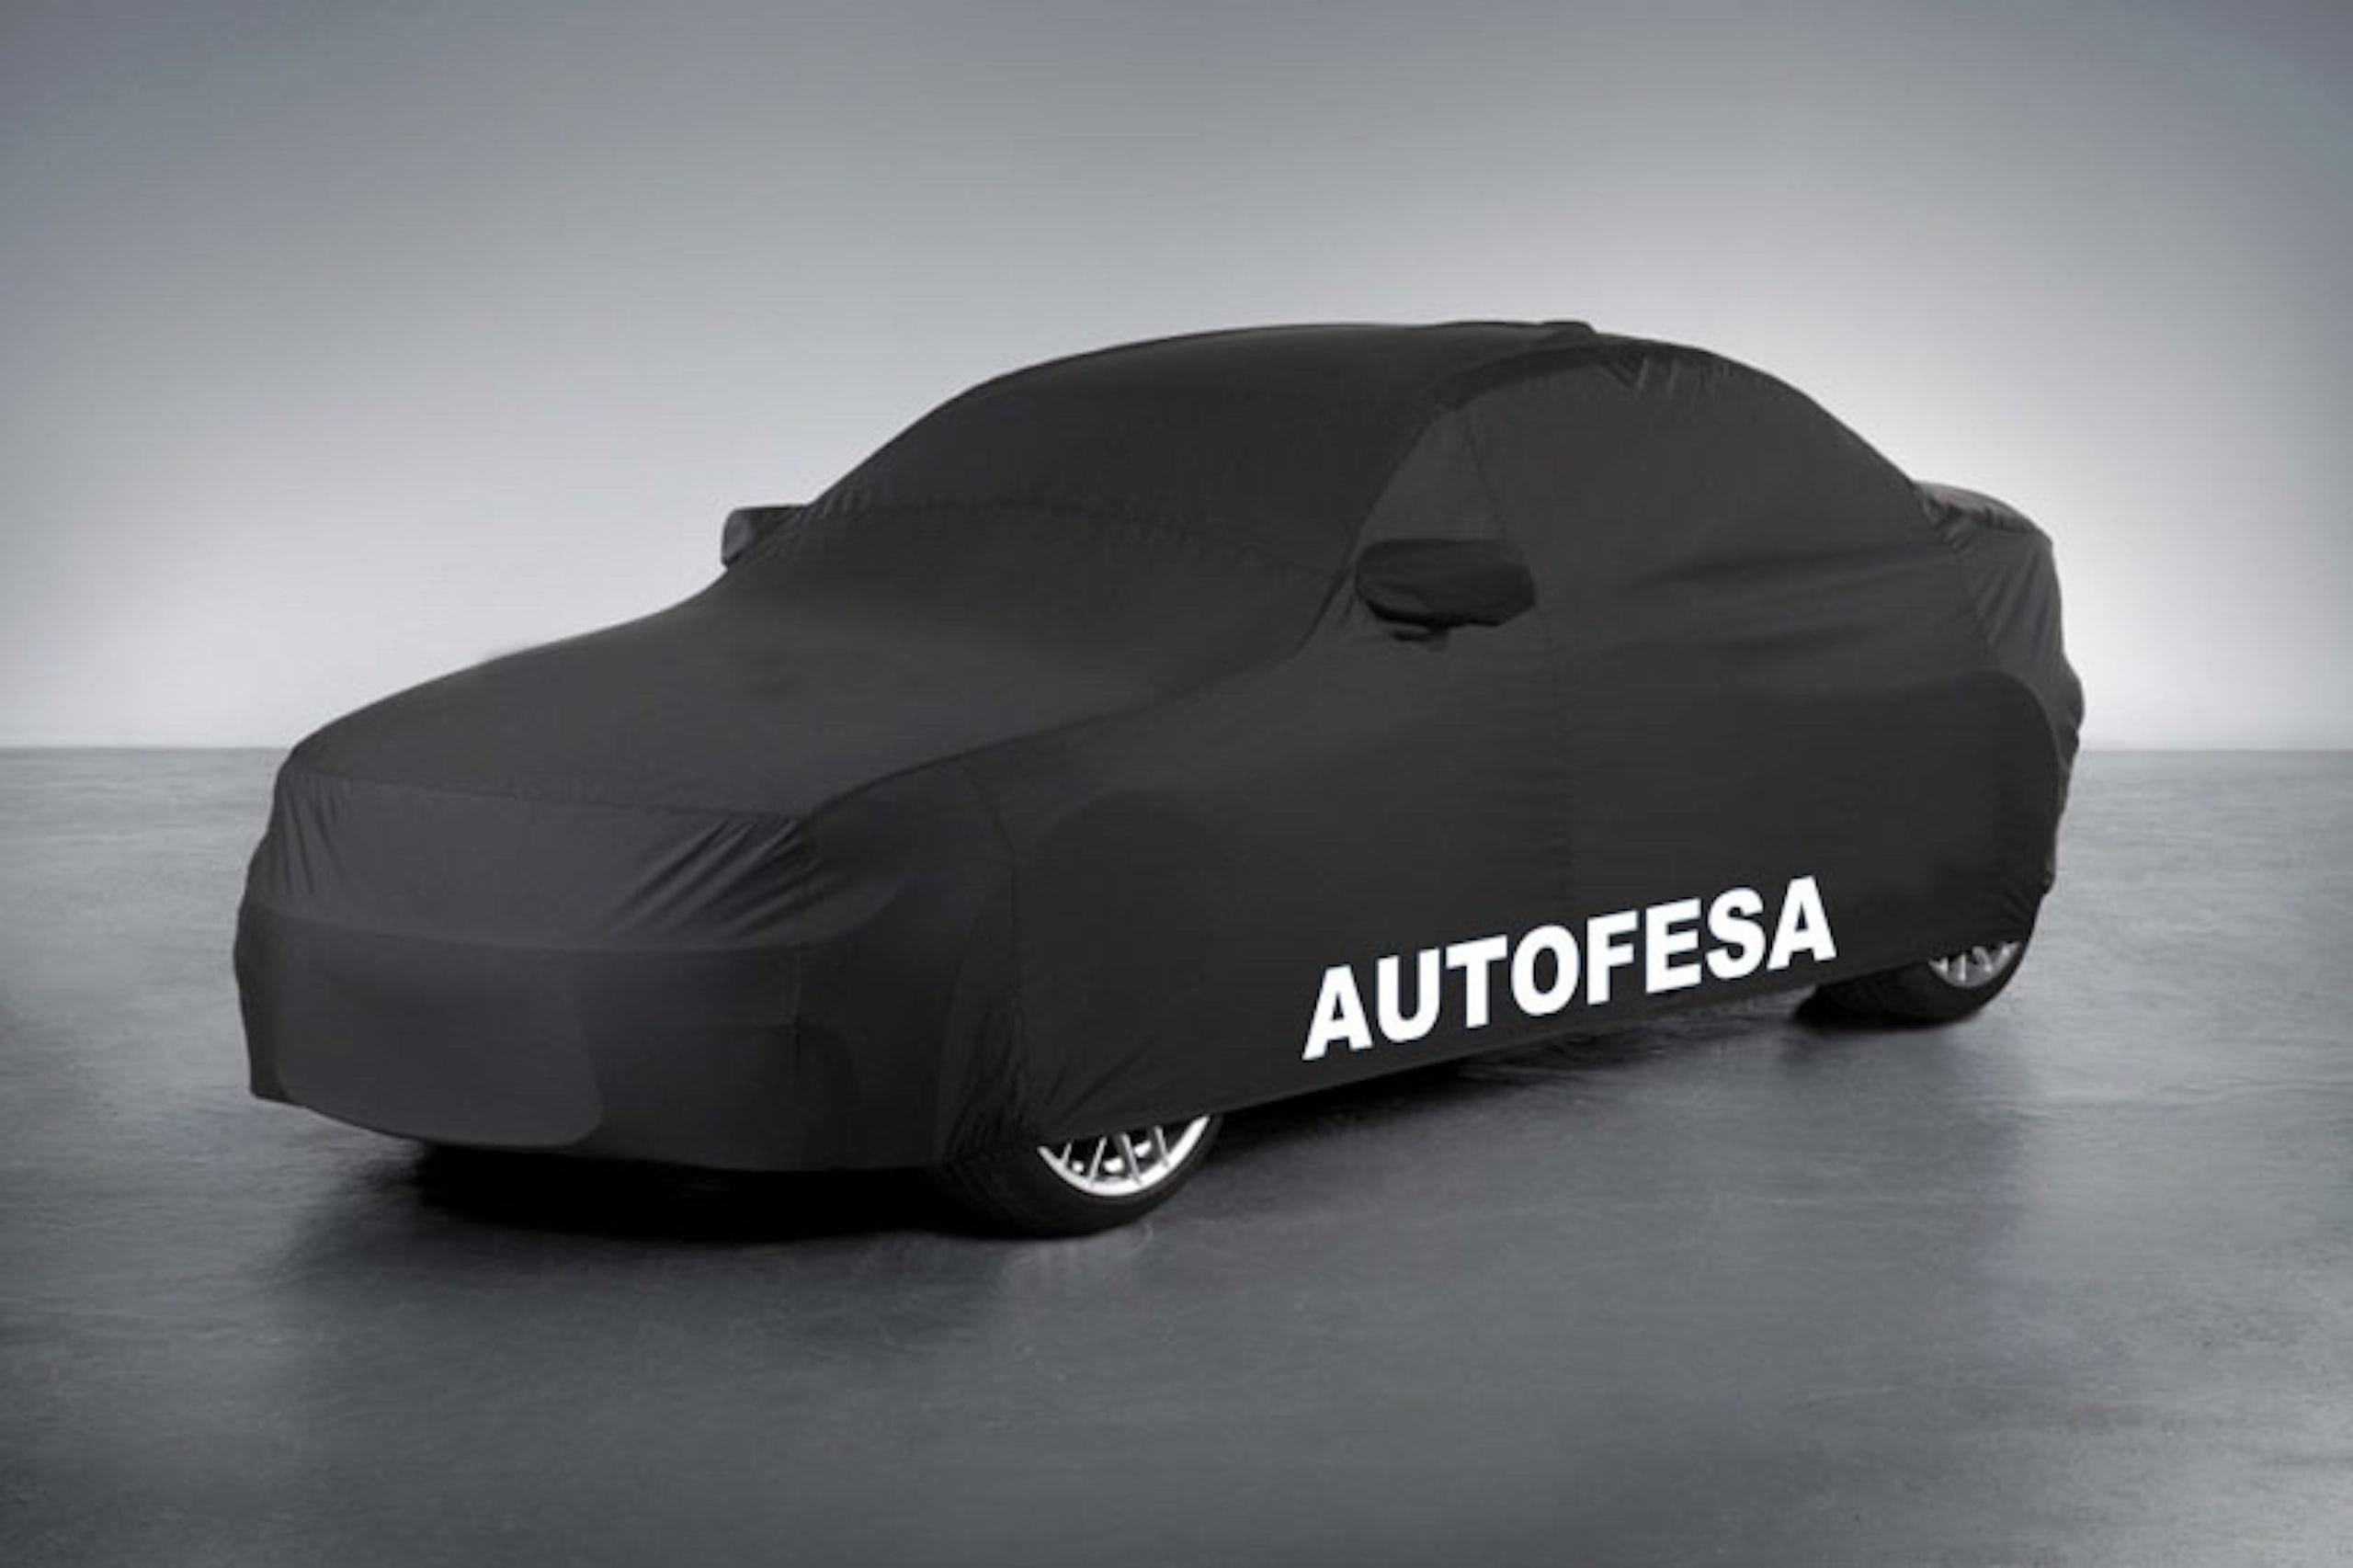 Audi A4 Avant 2.0 TDI 190cv quattro 5p S tronic Auto S/S - Foto 30